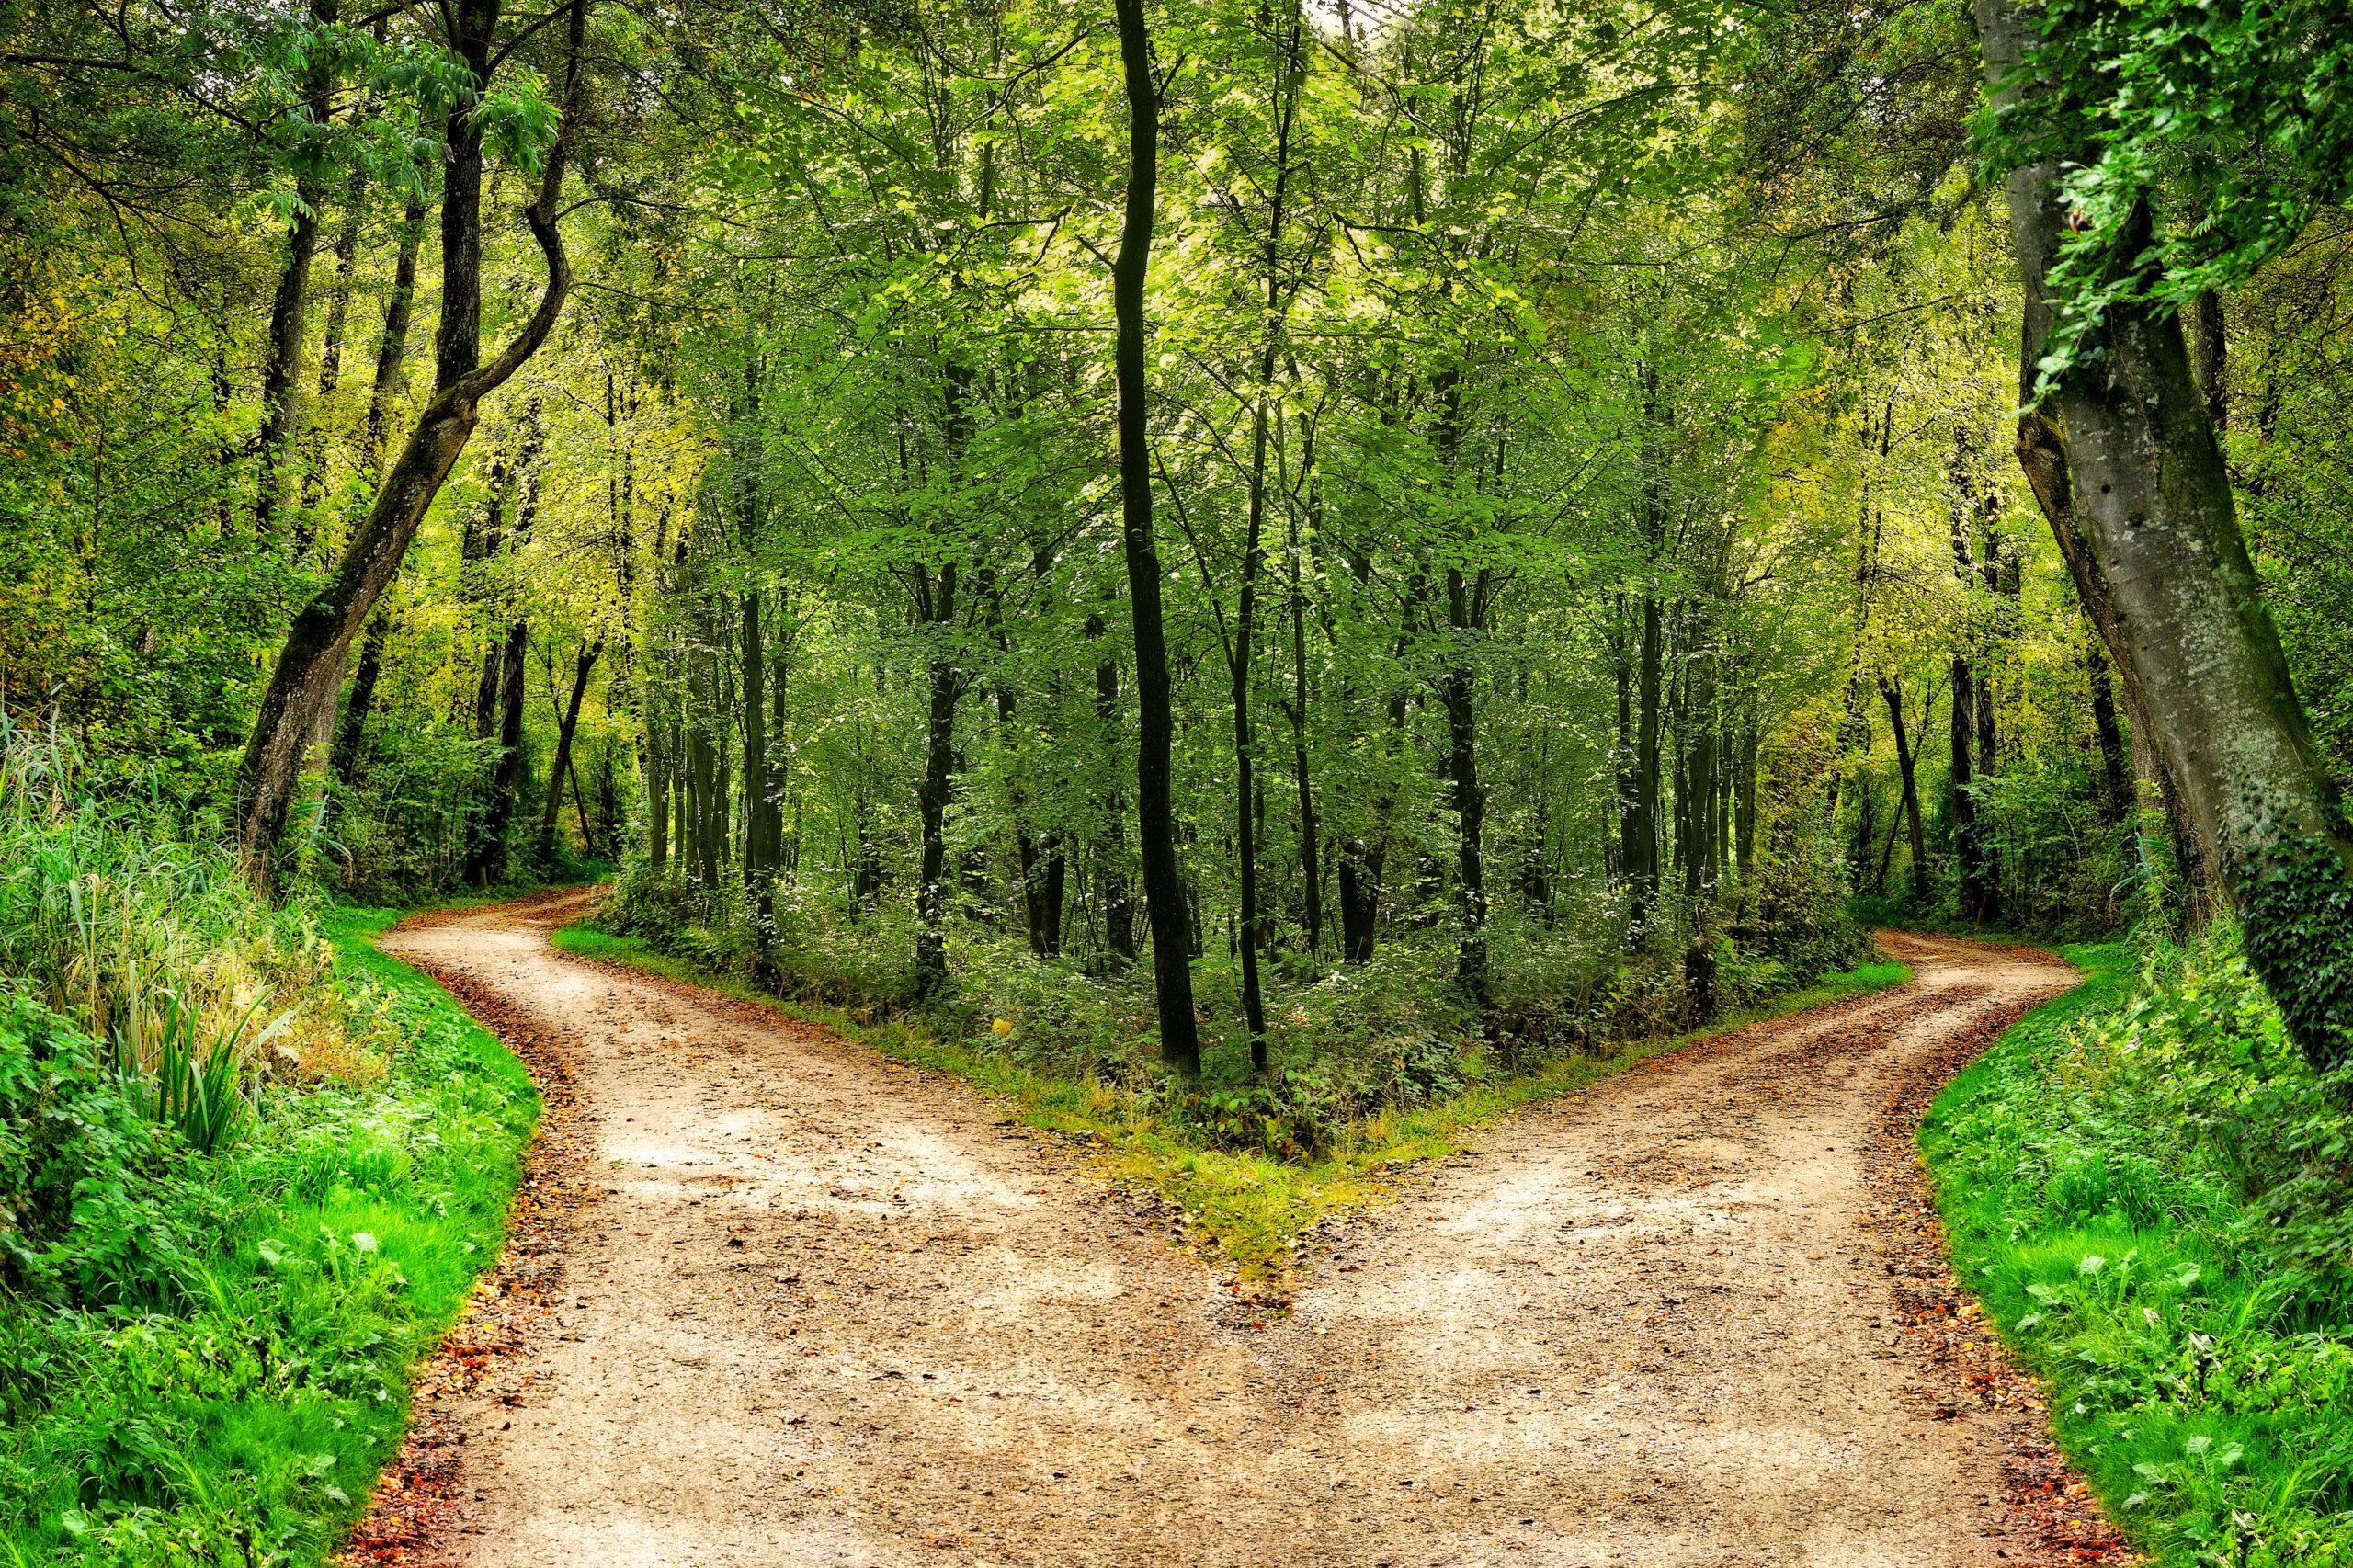 Ein Waldweg teilt sich in zwei verschiedene Richtungen